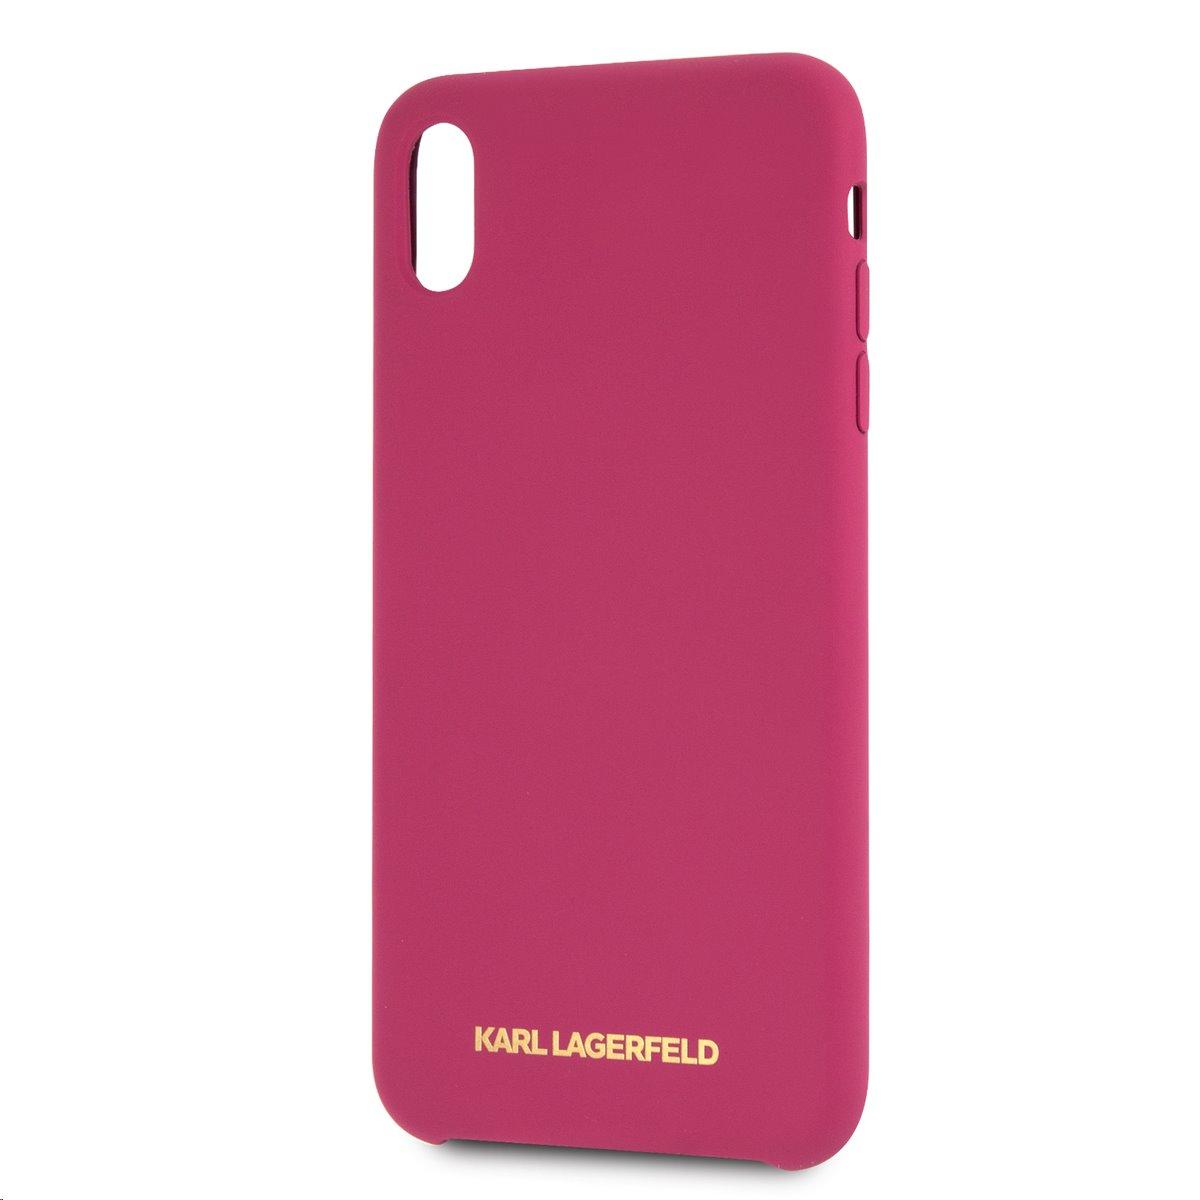 Silikonové pouzdro Karl Lagerfeld Gold Logo Silicone Case na iPhone XS Max,Fushia